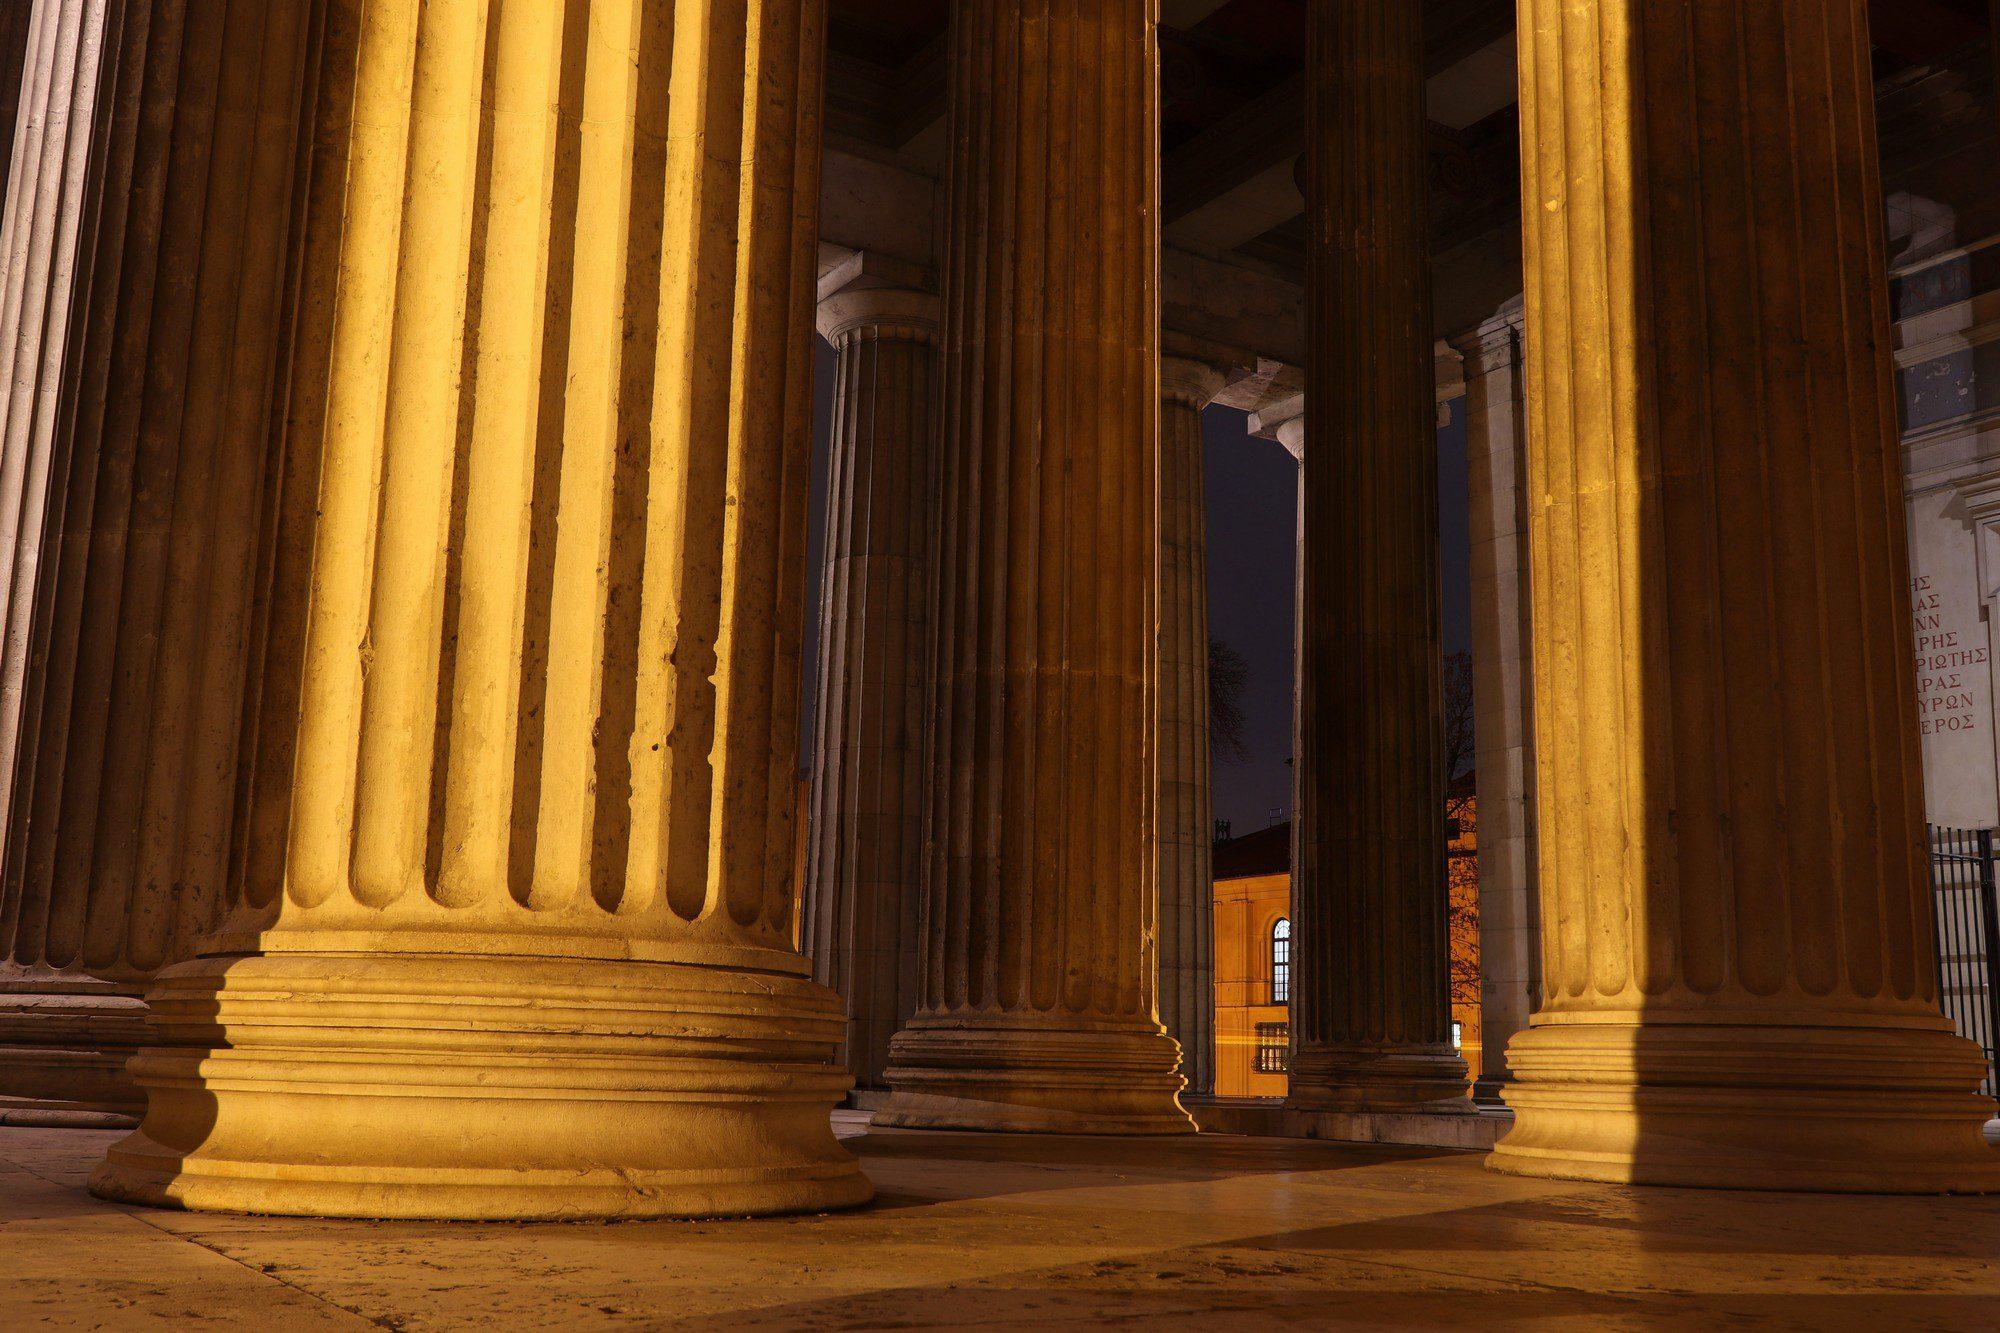 Die Propyläen am Münchner Königsplatz am Abend